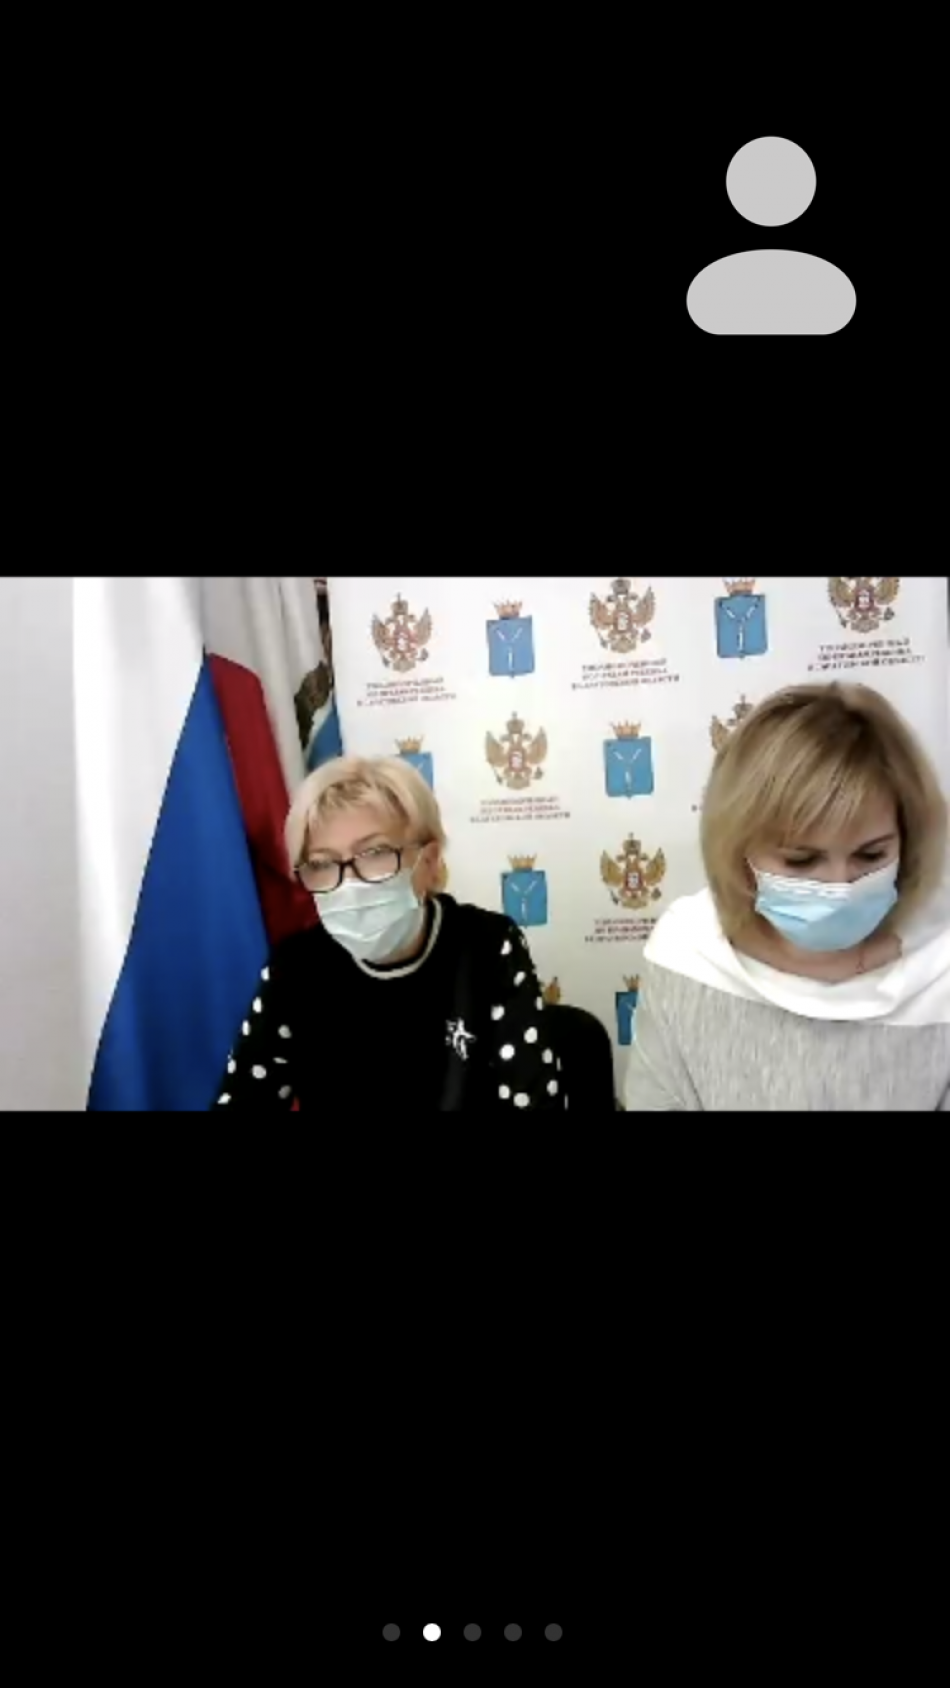 Заседание Родительского совета при Уполномоченном по правам ребёнка в Саратовской области  на тему «Организация медицинской помощи детям с эпилепсией»